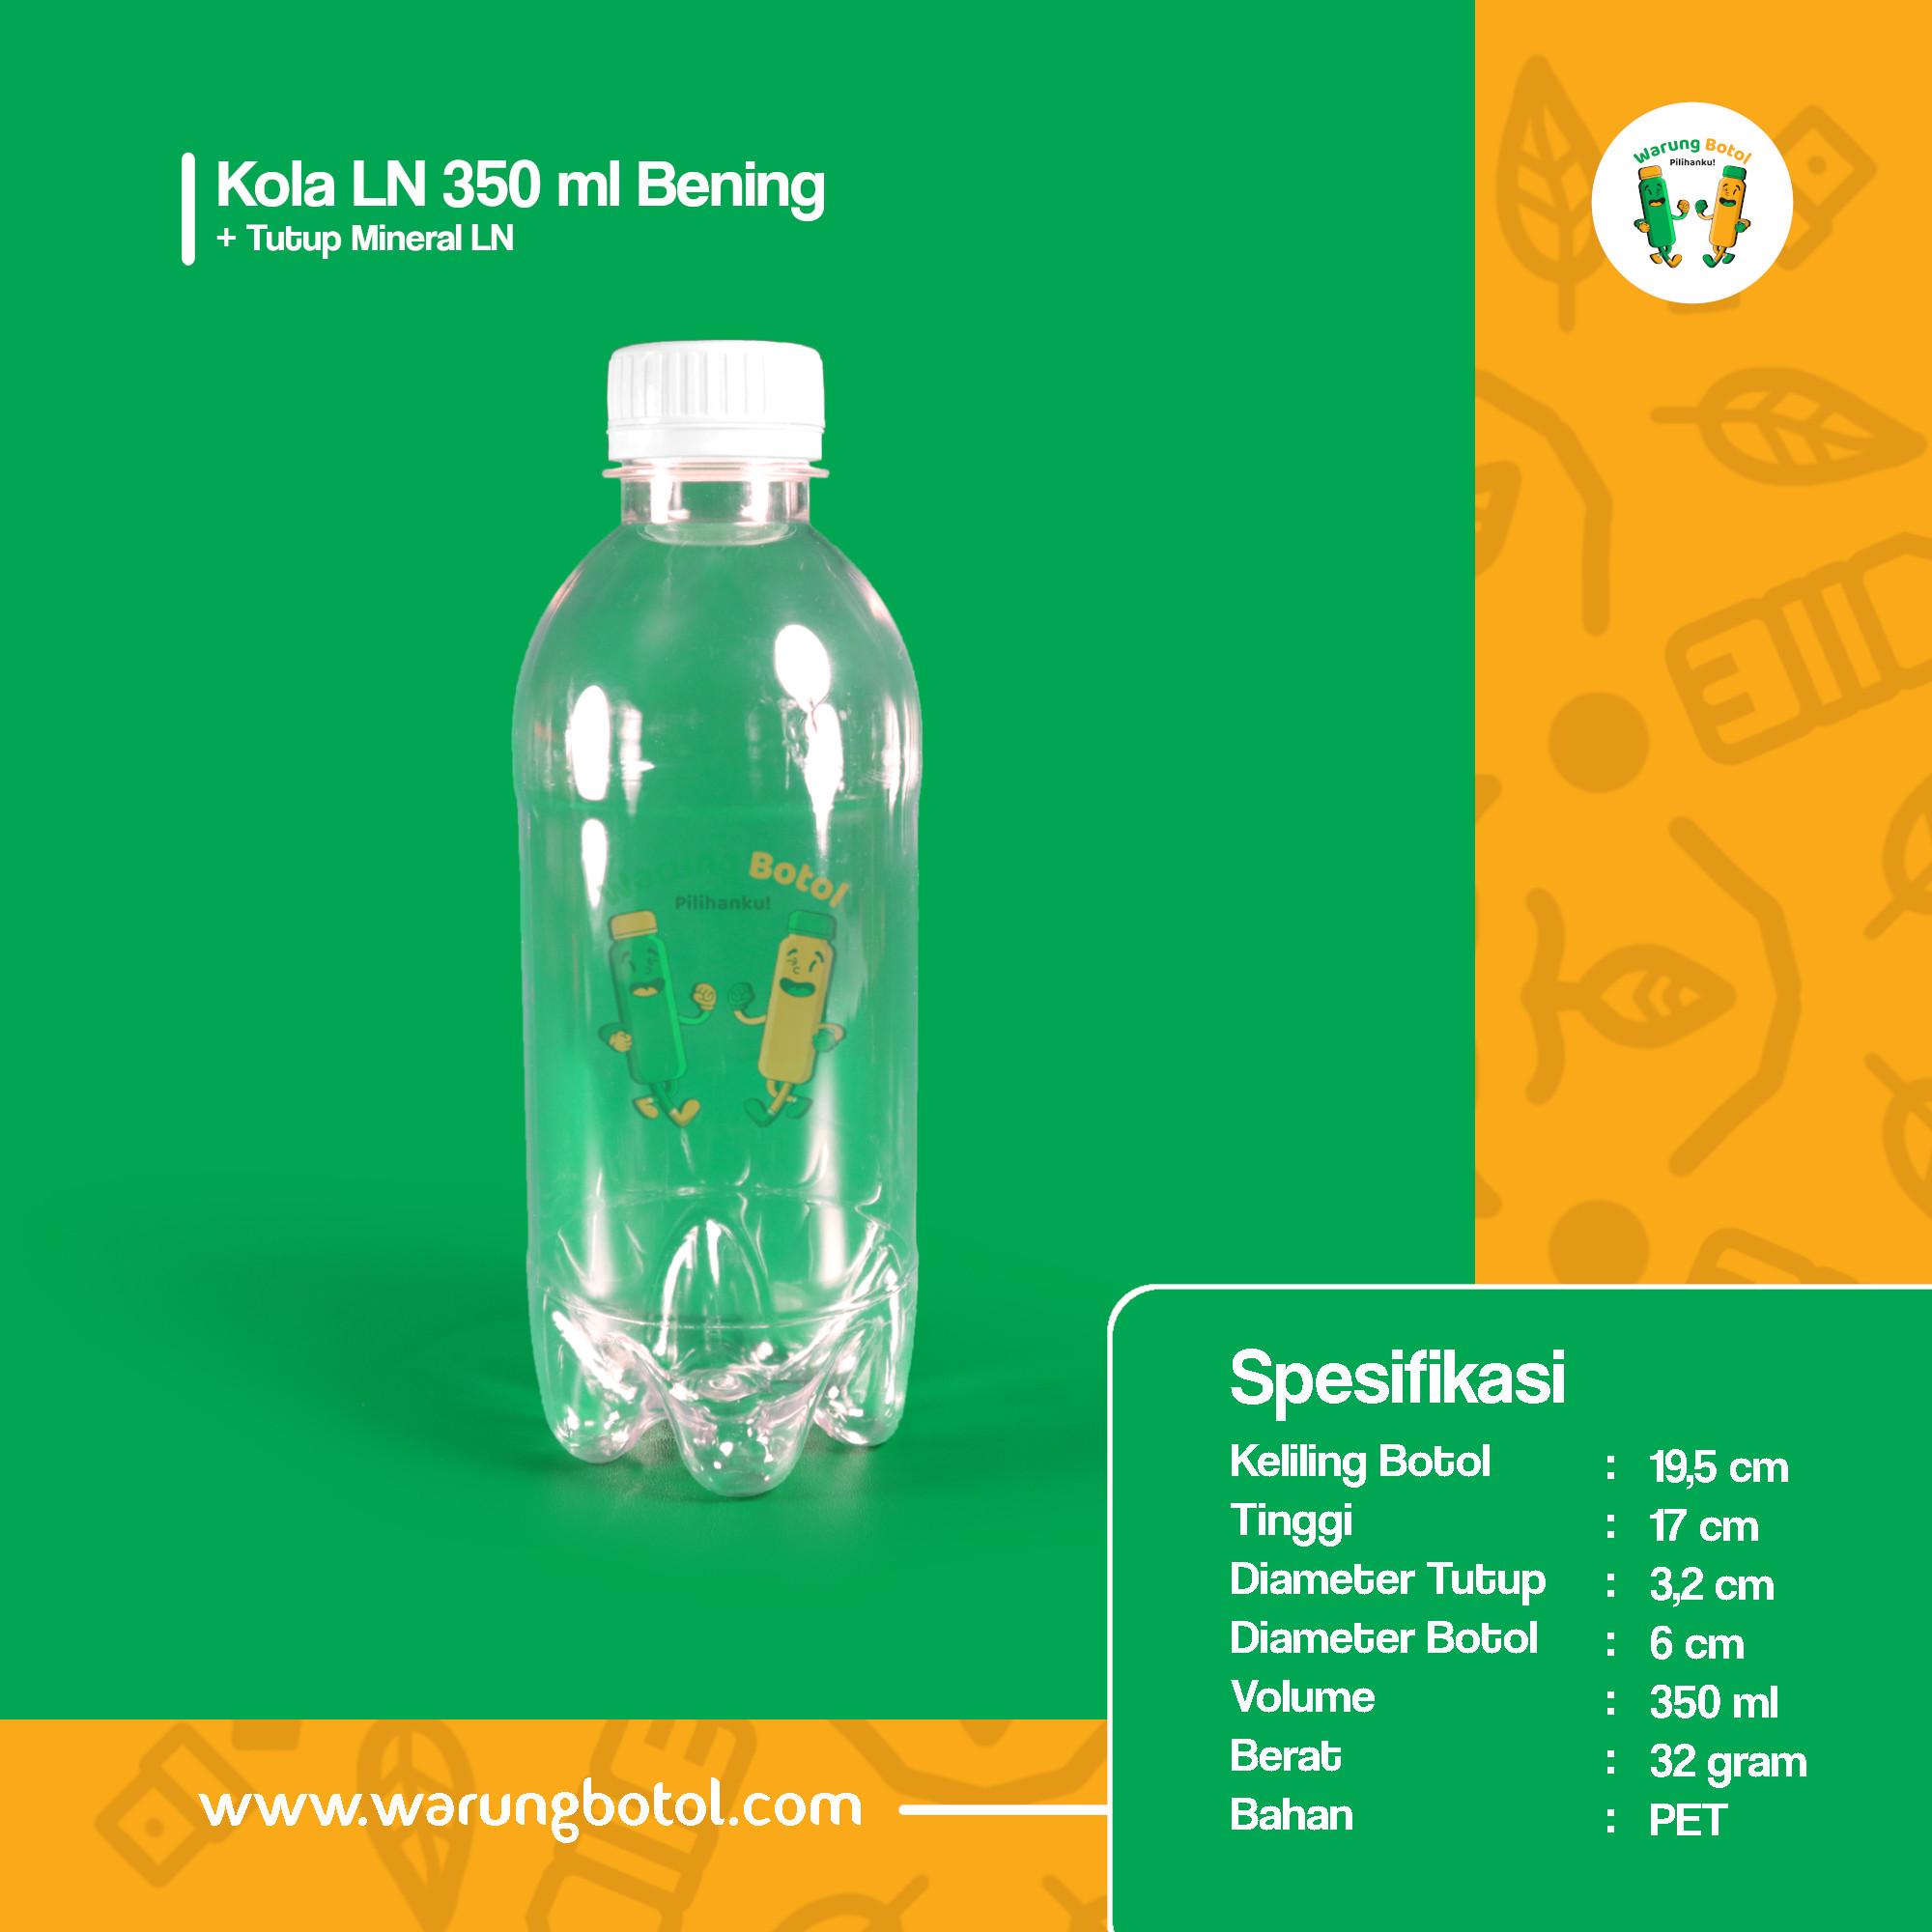 distributor jual botol plastik minuman kola, jus unik 350ml bening murah terdekat bandung jakarta bogor bekasi